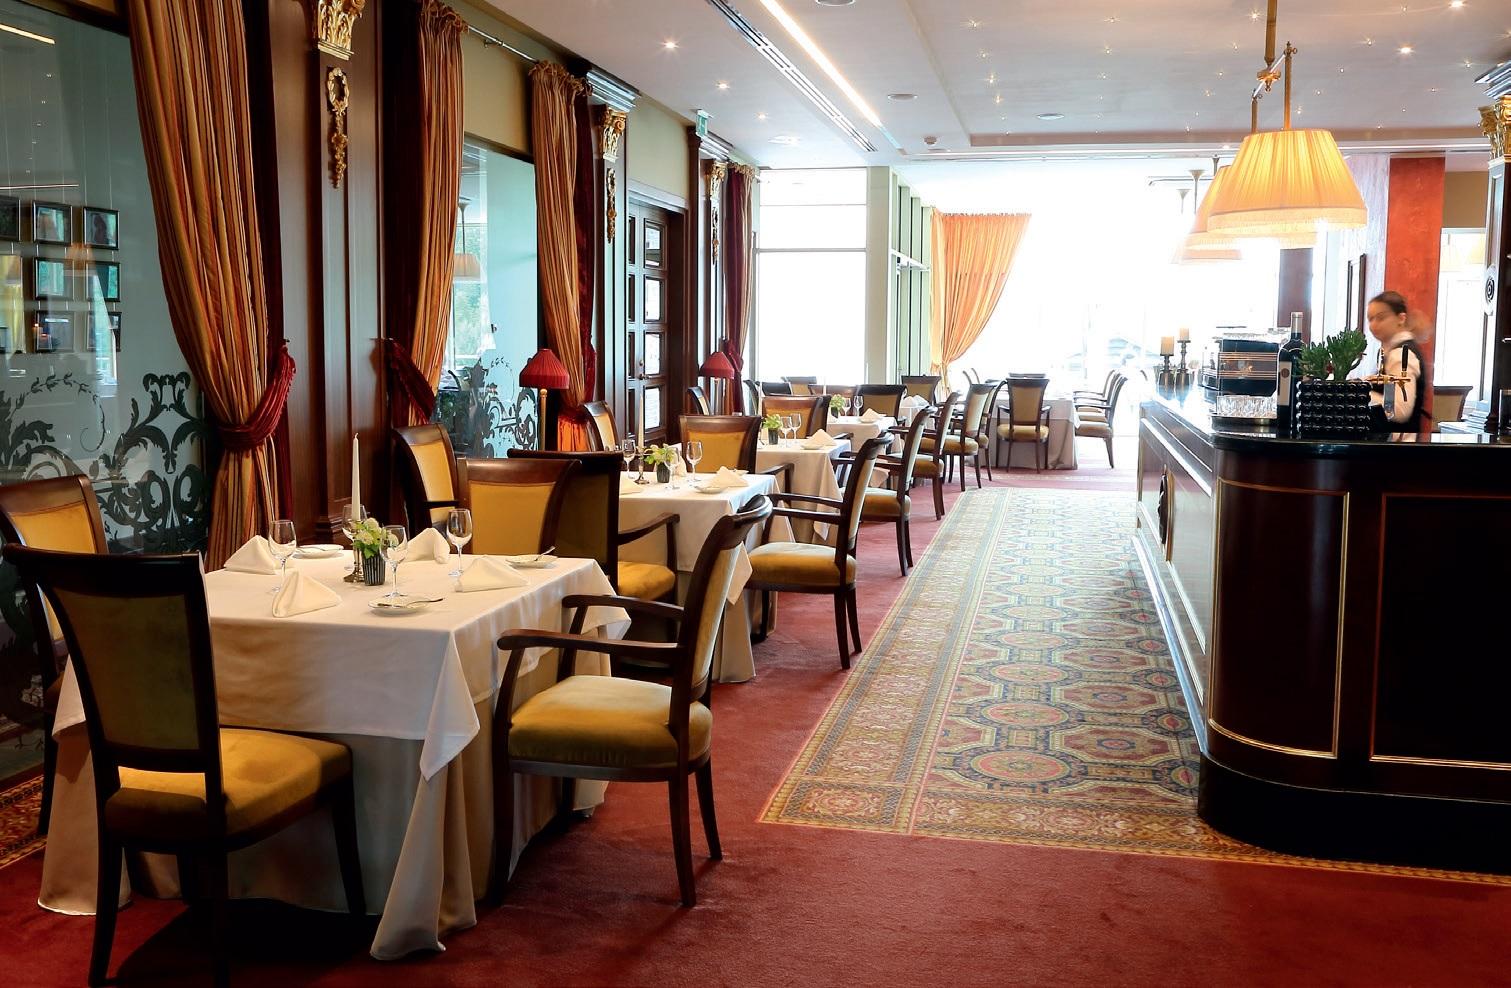 """Atvykusieji į parką turi galimybę ne tik karališkai pailsėti ir praleisti laiką, bet ir pasisemti gurmaniškų įspūdžių 5+ žvaigždučių """"Harmony Park"""" viešbutyje įkurtame restorane """"Simboly"""""""